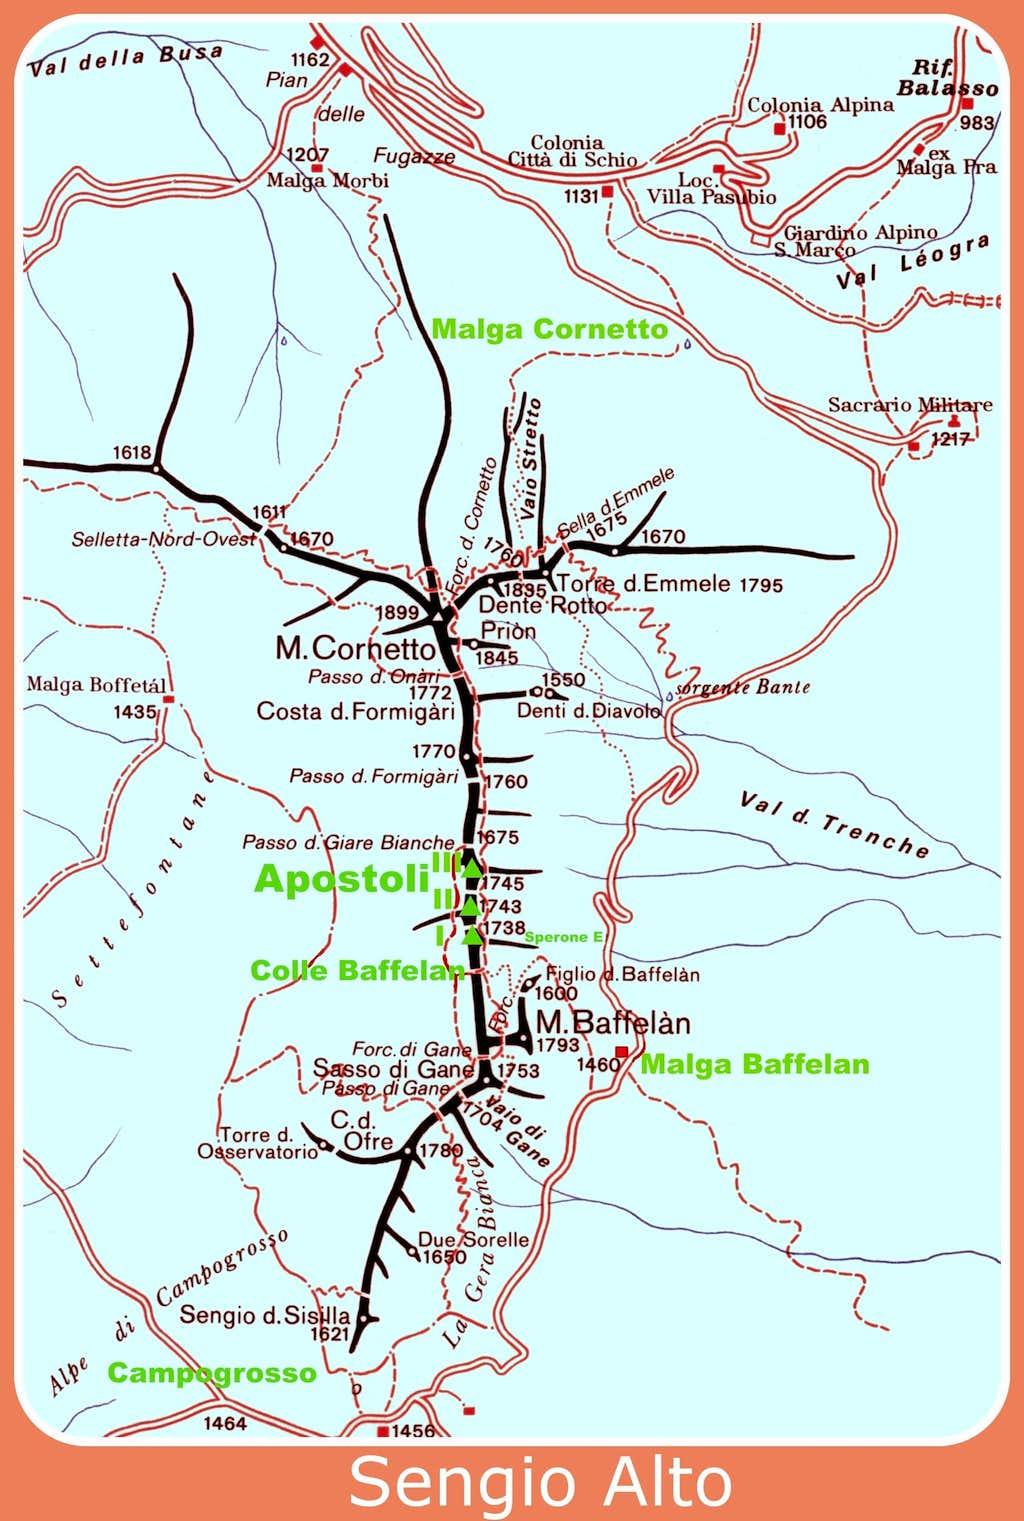 Sengio Alto map